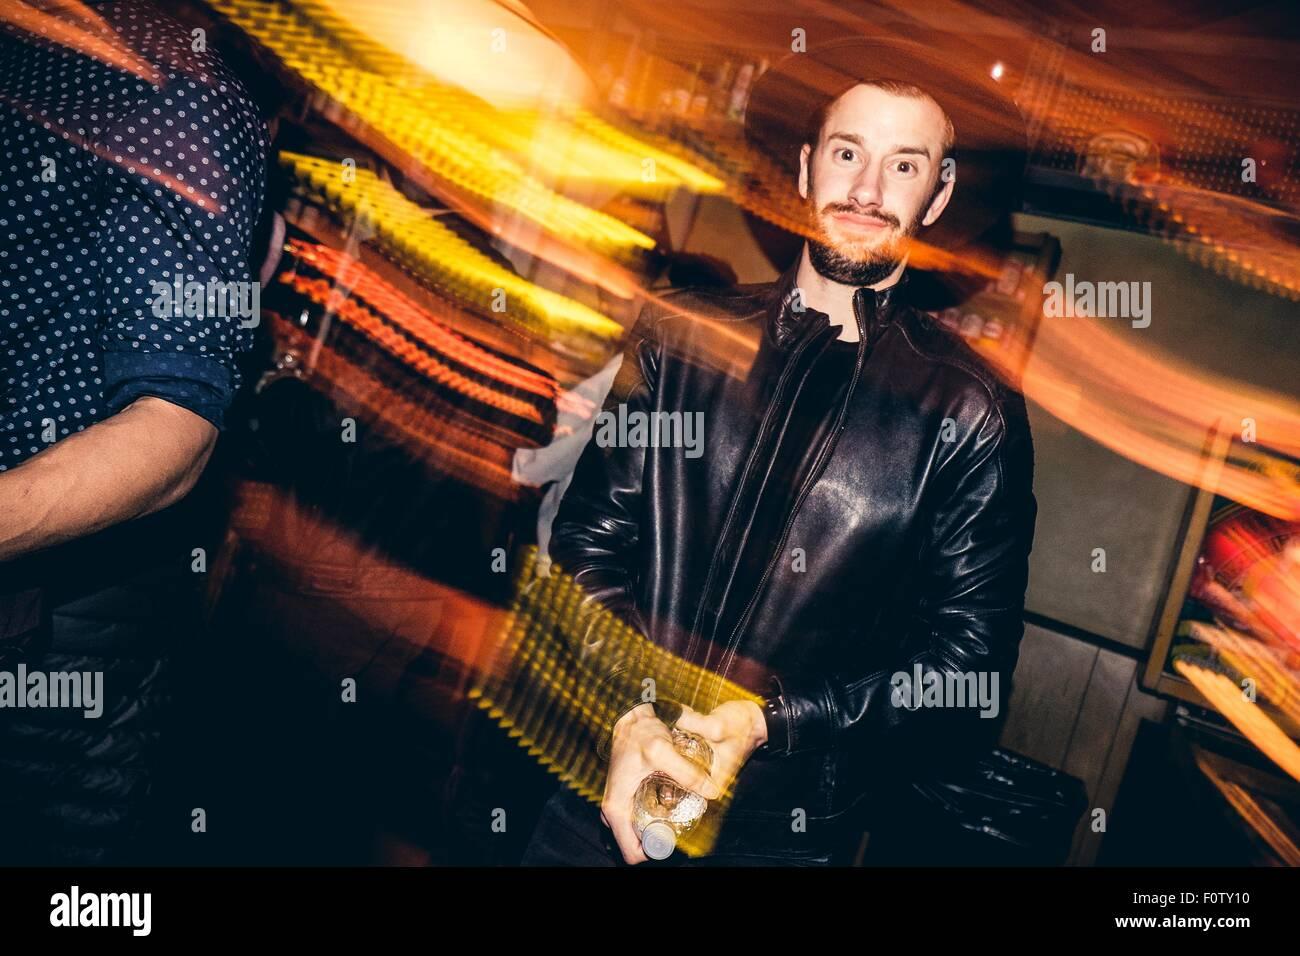 Porträt des jungen Mannes in bar, Bewegungsunschärfe Stockbild